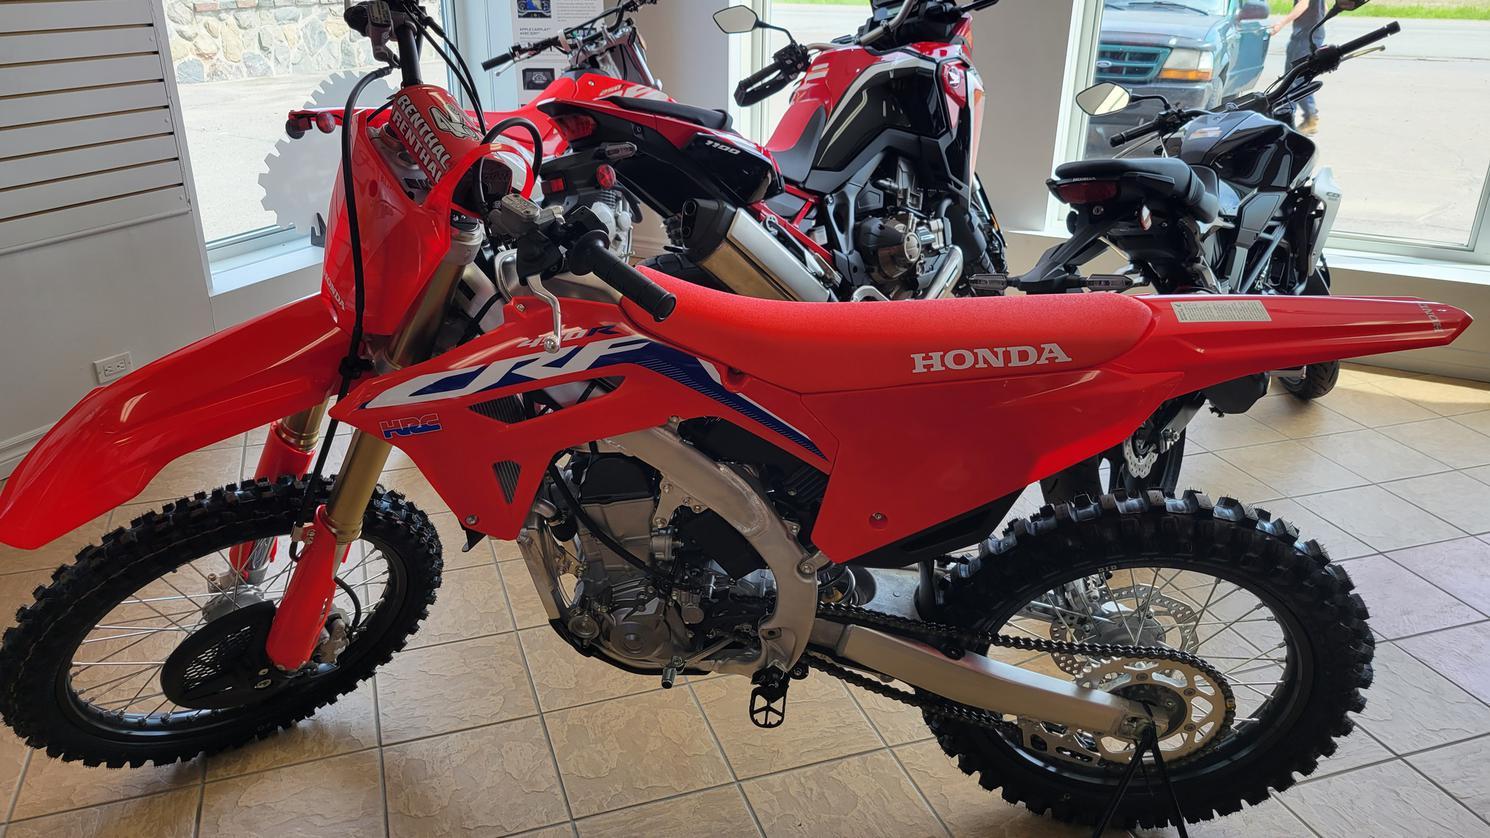 Honda CRF450R 2022 - Crf450rn